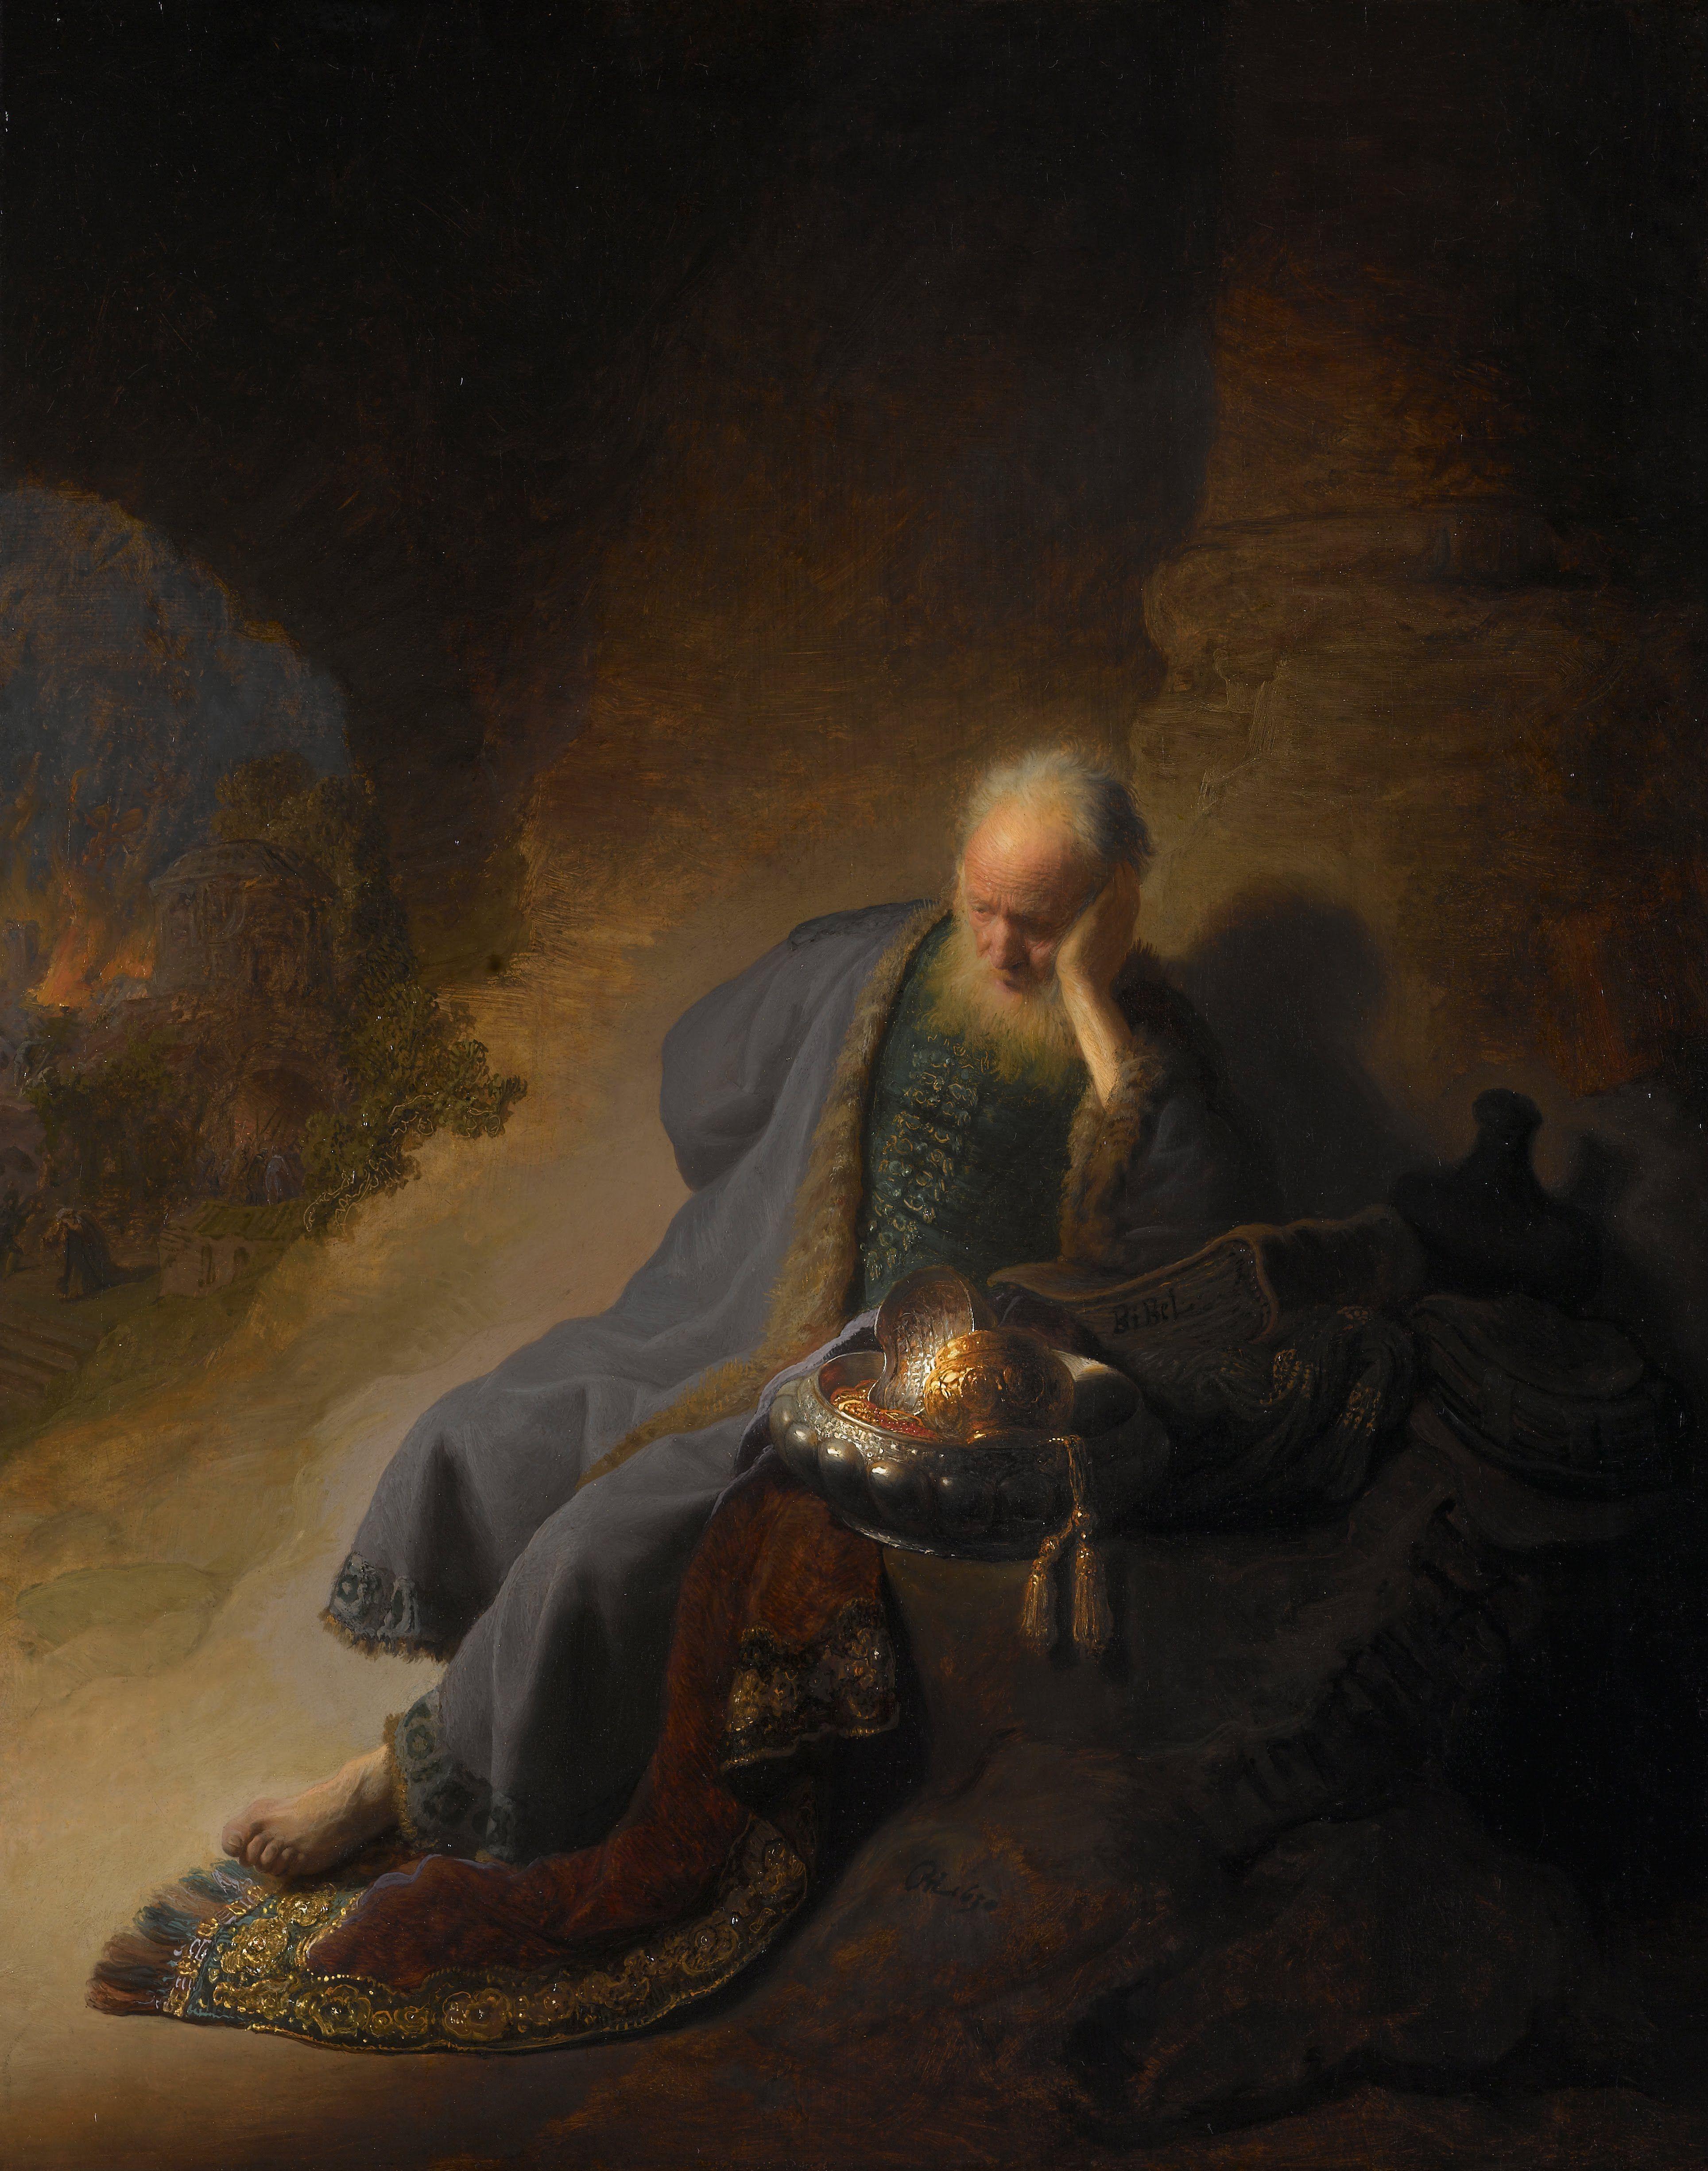 Jérémie Pleurant La Destruction De Jérusalem Rembrandt Van Rijn 1630 Rembrandt Rembrandt Schilderijen Stadsgezicht Schilderij